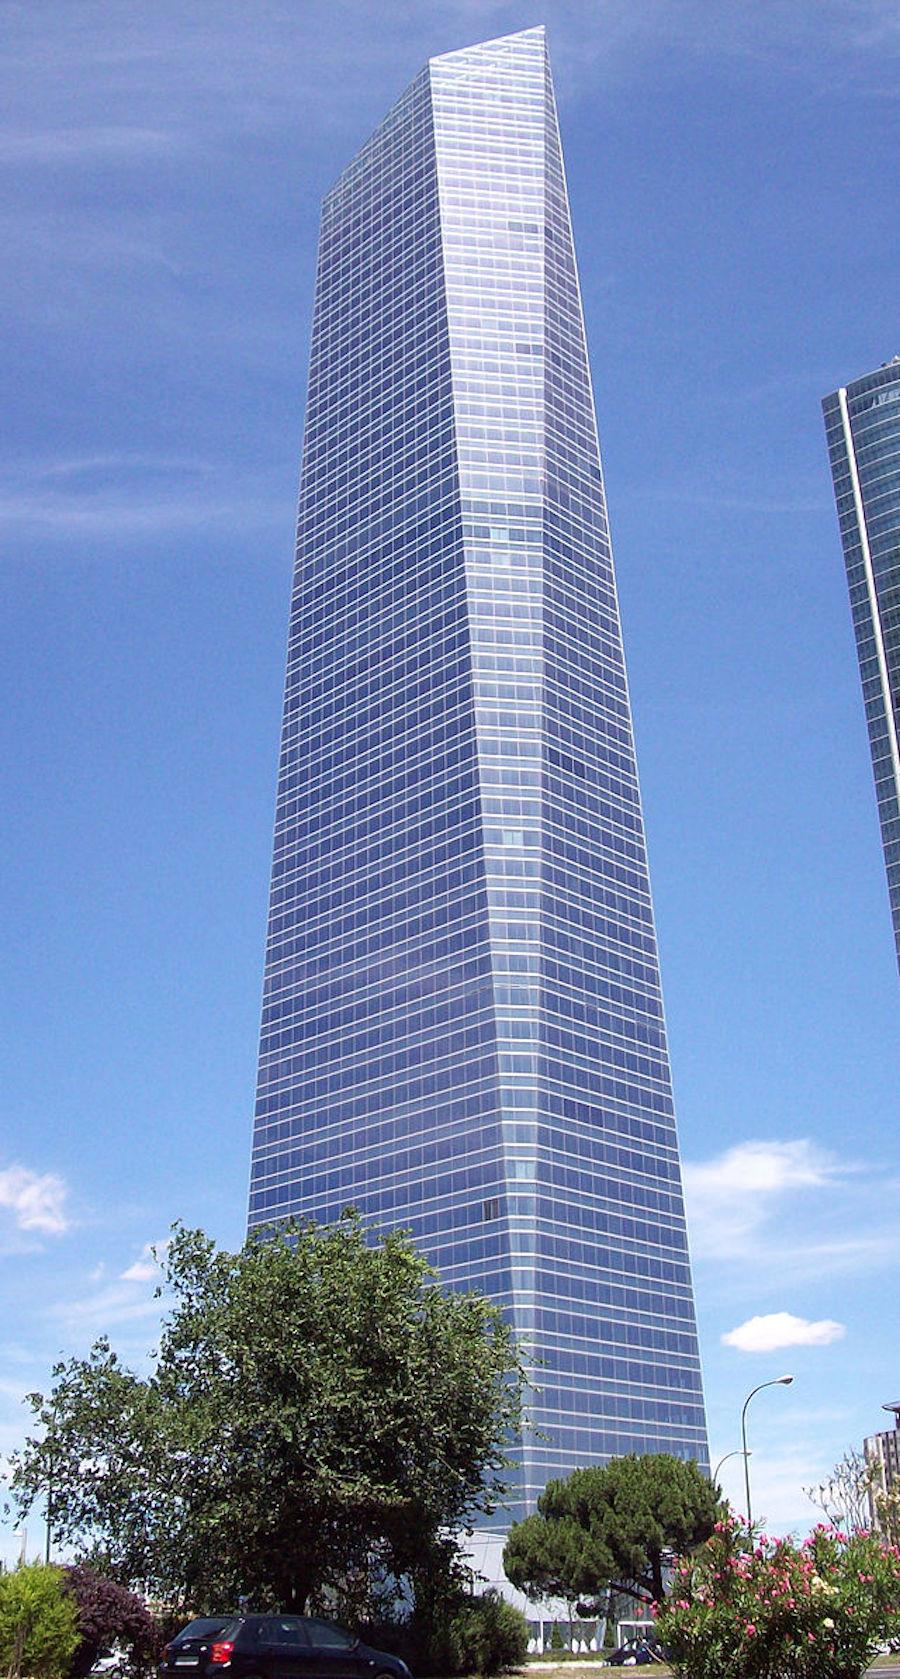 Torre_de_Cristal_(Madrid)_09a